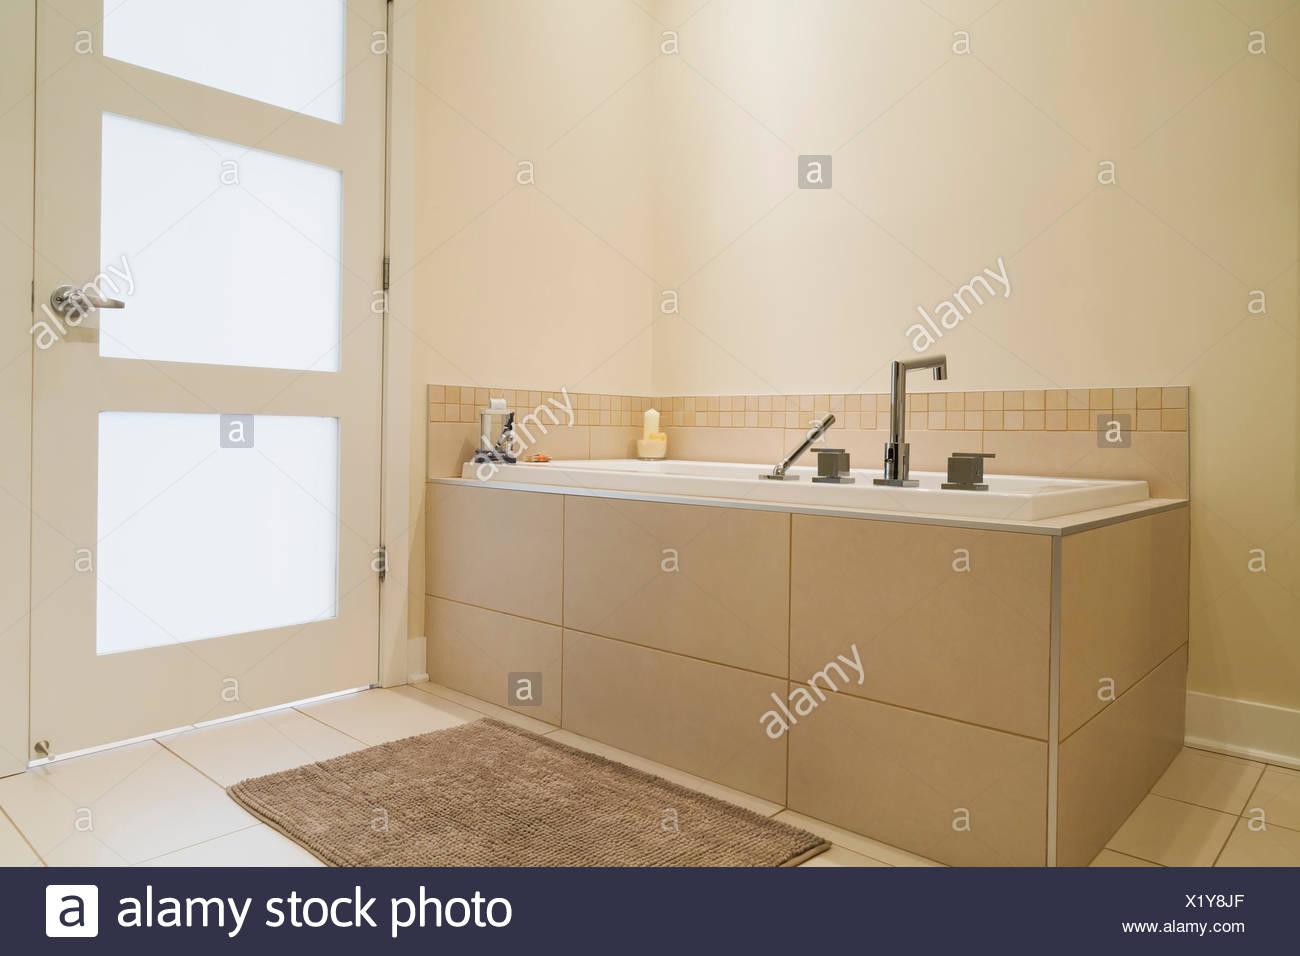 Soaking tub encased in a ceramic tile base in bathroom of renovated ...